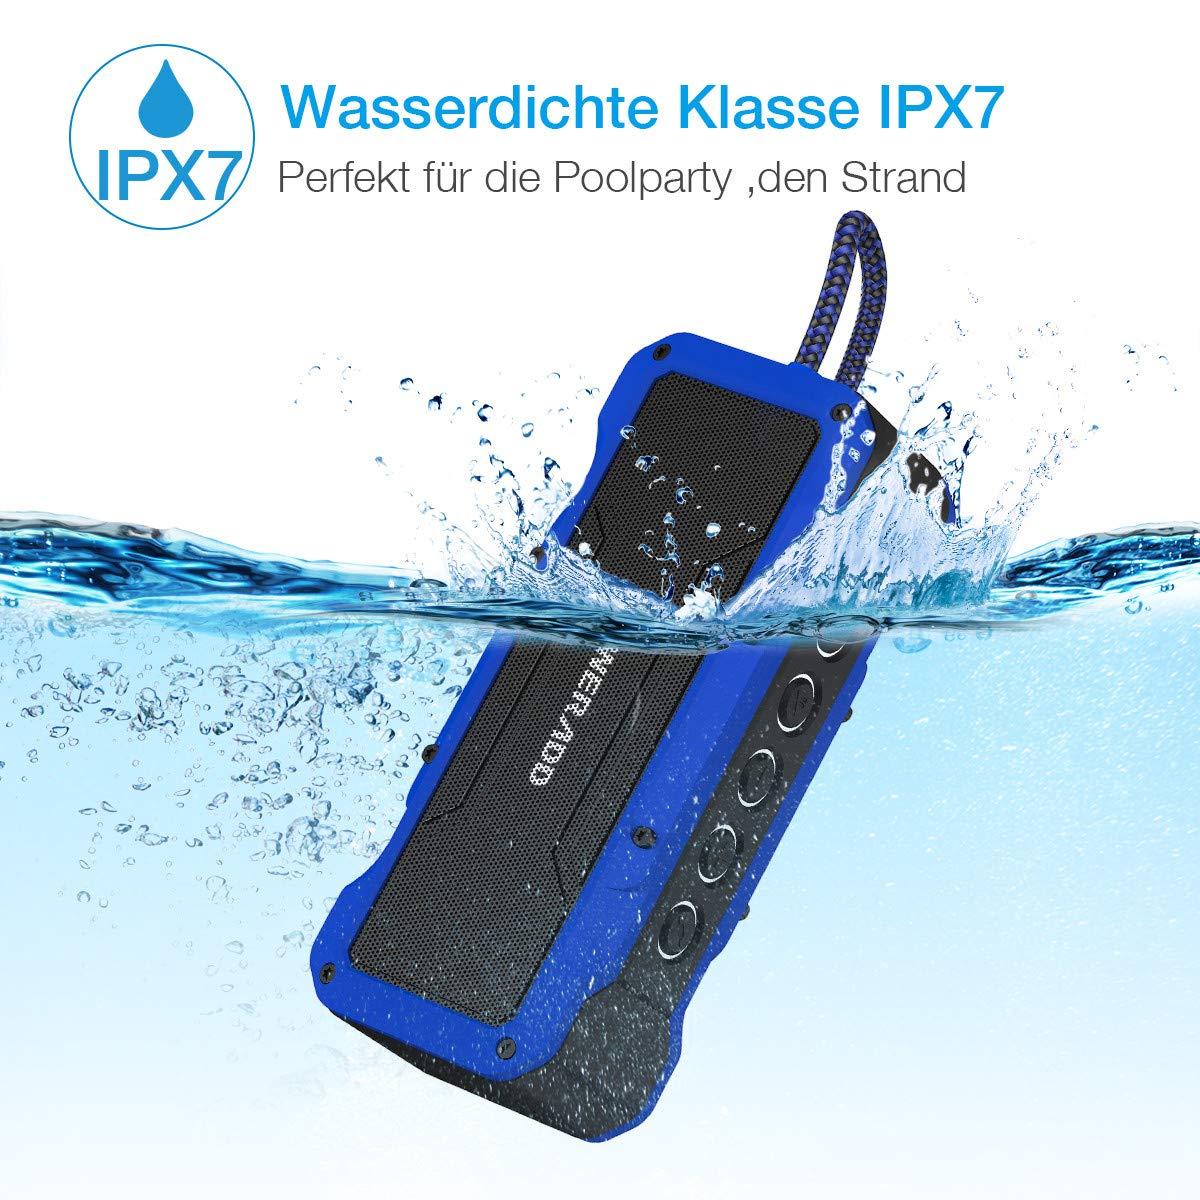 POWERADD Bluetooth Lautsprecher Wasserdicht IPX7 Wireless Lautsprecher Außen Bluetooth Box mit 4 StereoTreibern 36W (2X13W+2x5W) 4000mAh, staubdicht, stossfest, blau